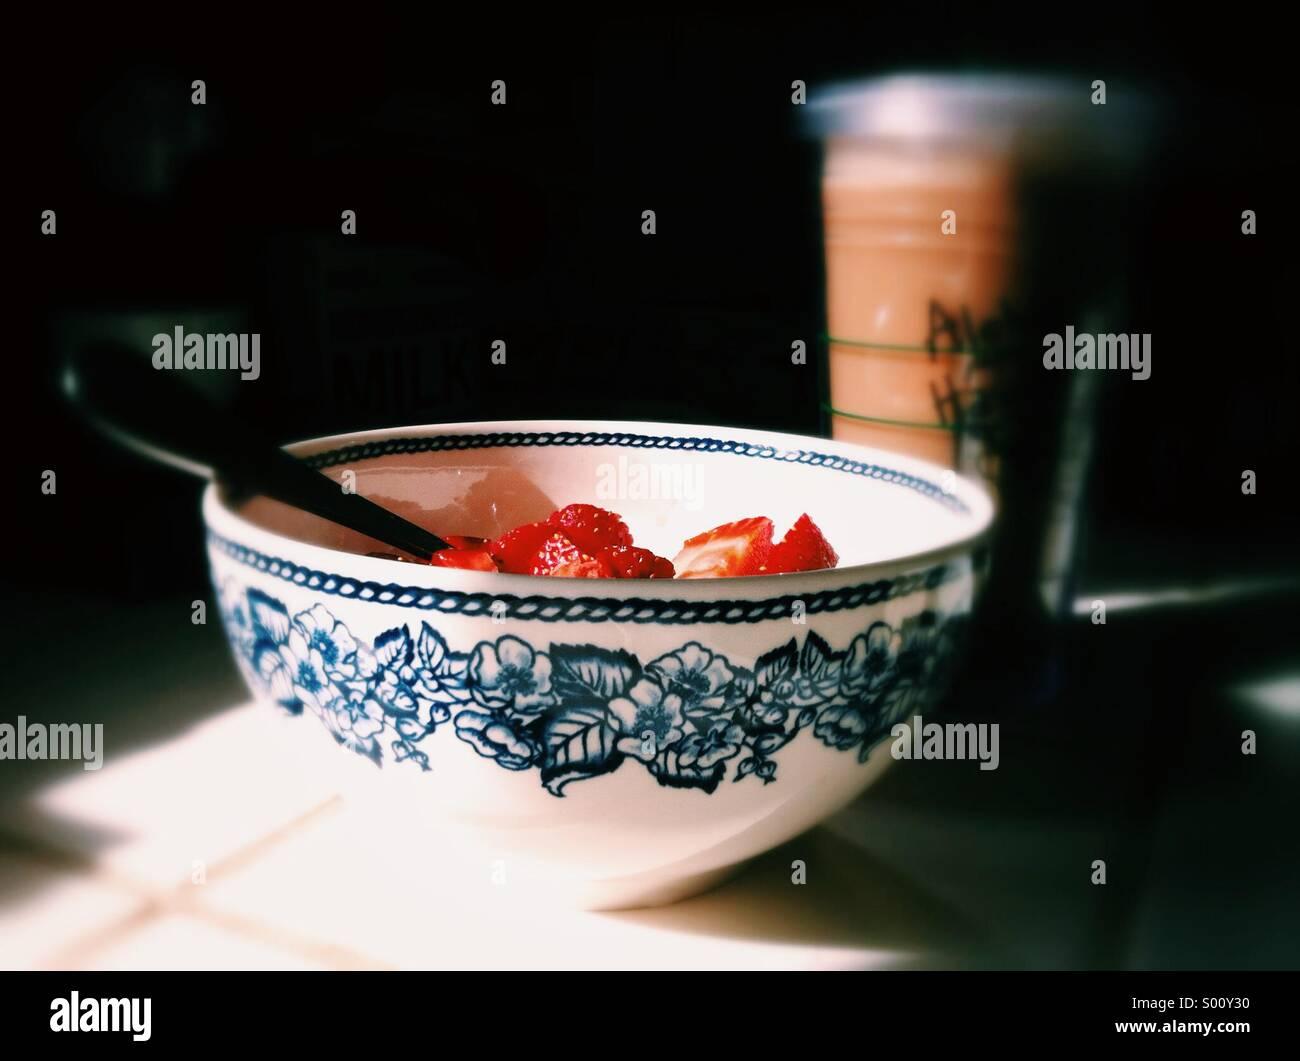 Bowl of breakfast strawberriesStock Photo